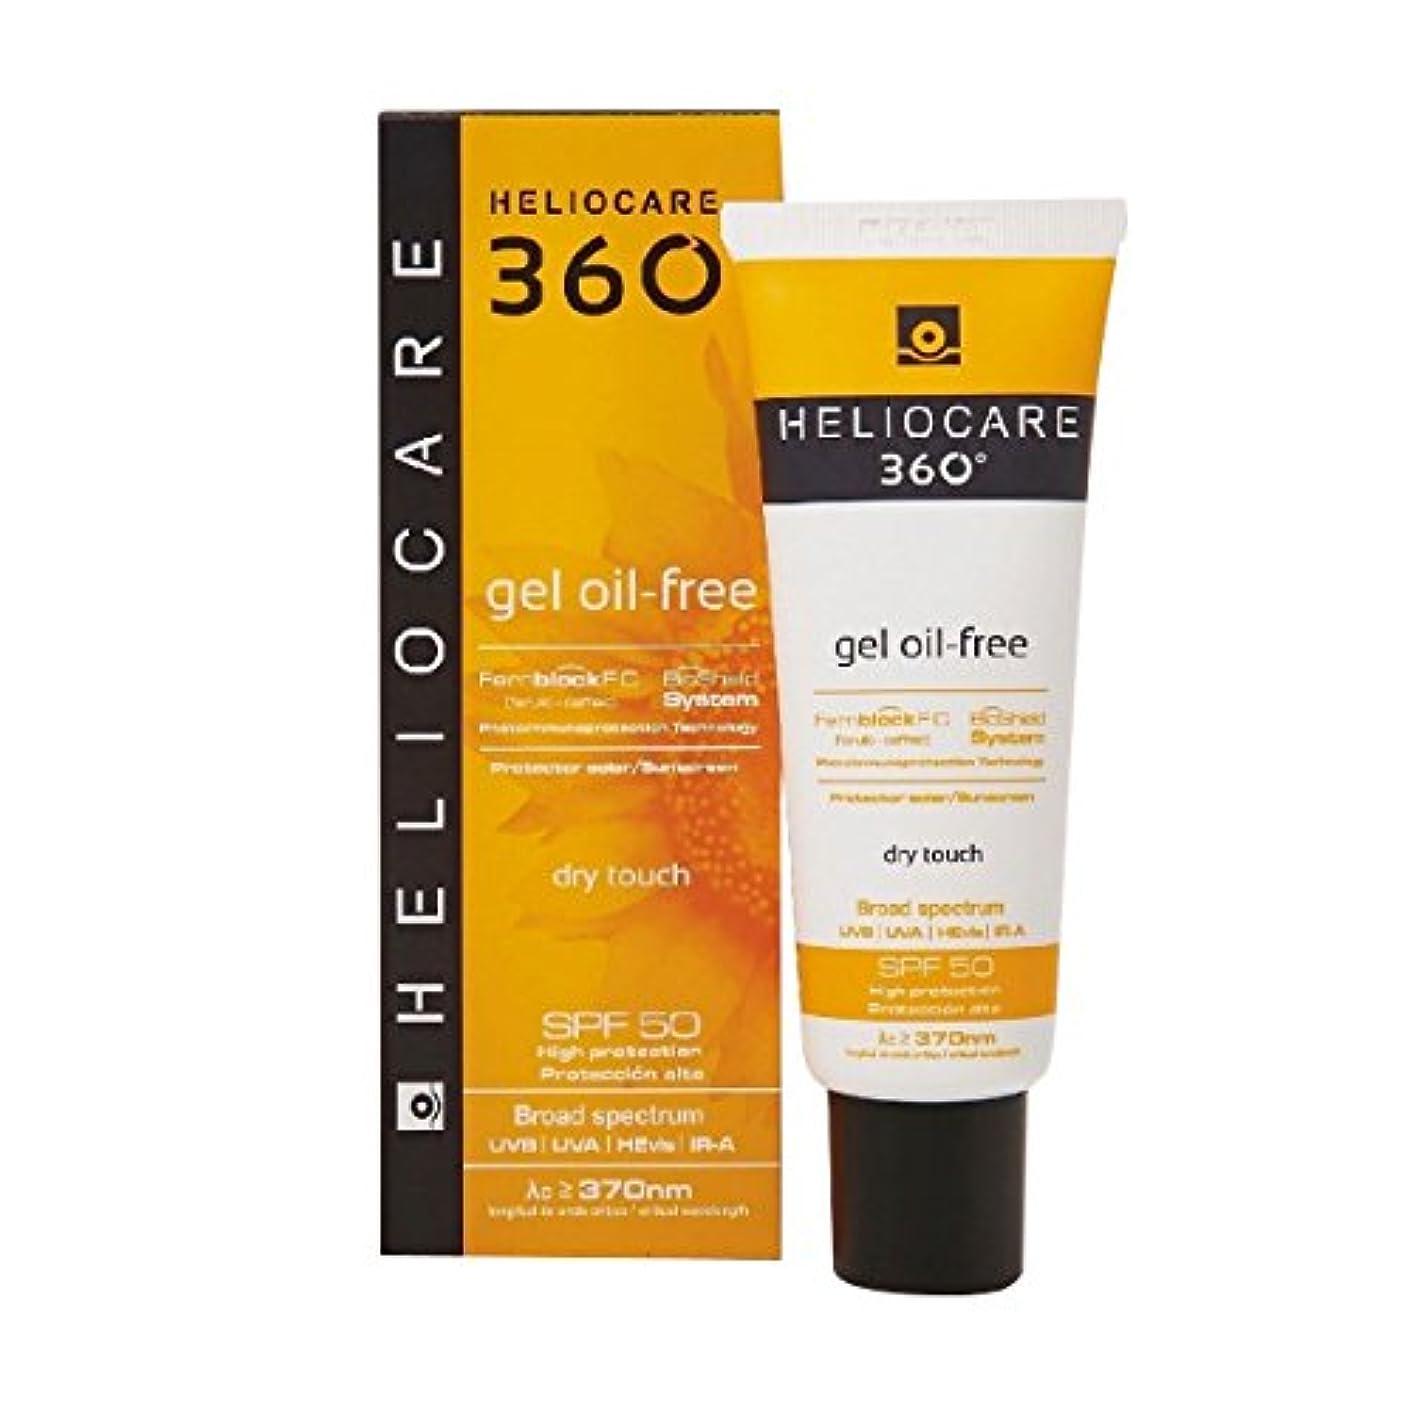 め言葉きょうだいくちばしHeliocare 360 Gel Oil Free Spf50 50ml [並行輸入品]